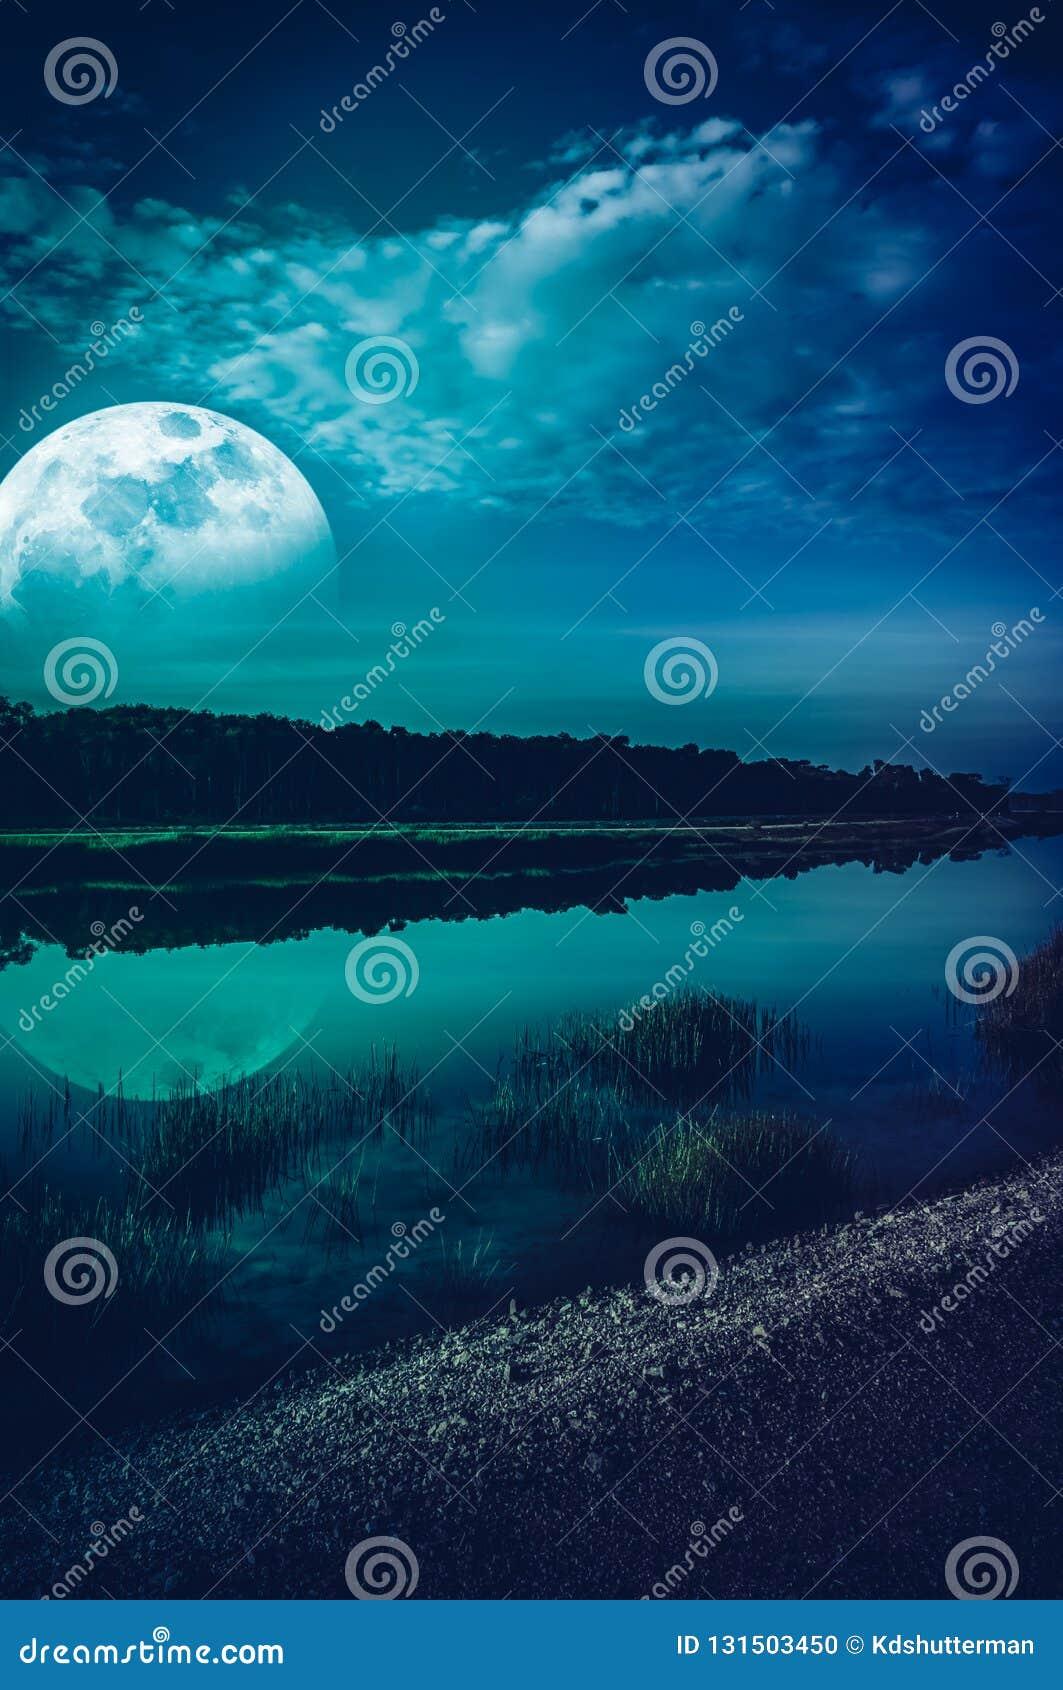 Mooi landschap van blauwe hemel met wolk en super maan boven silhouetten van bomen bij rivieroever De achtergrond van de serenite